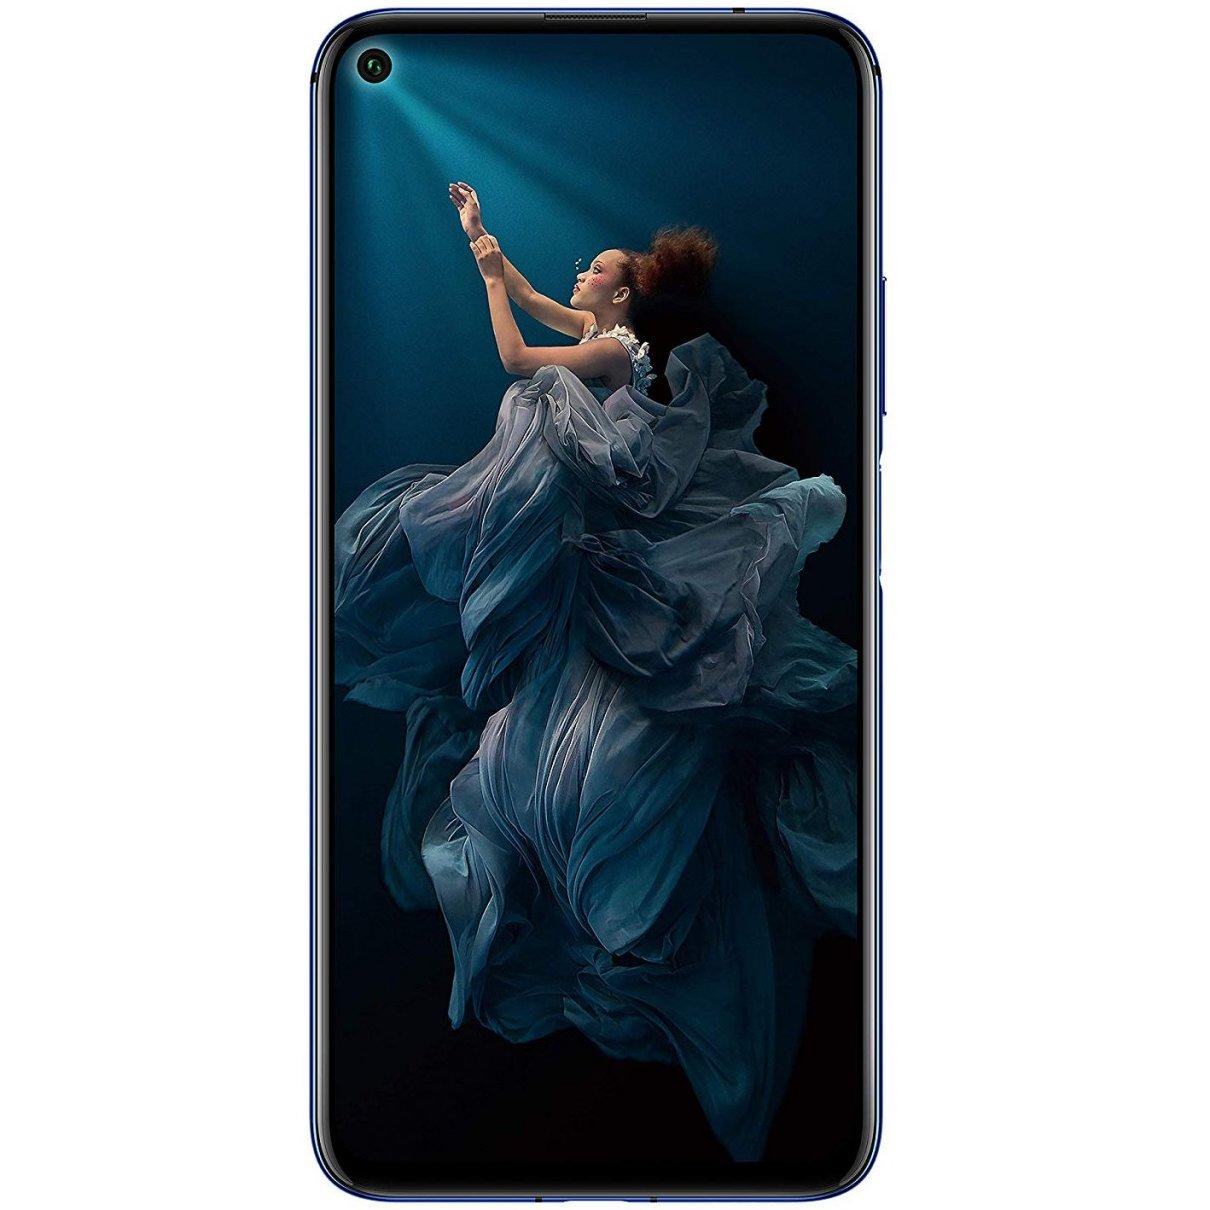 Telefon mobil Huawei Honor 20, Dual SIM, 128GB, 6GB RAM, 4G, Sapphire Blue